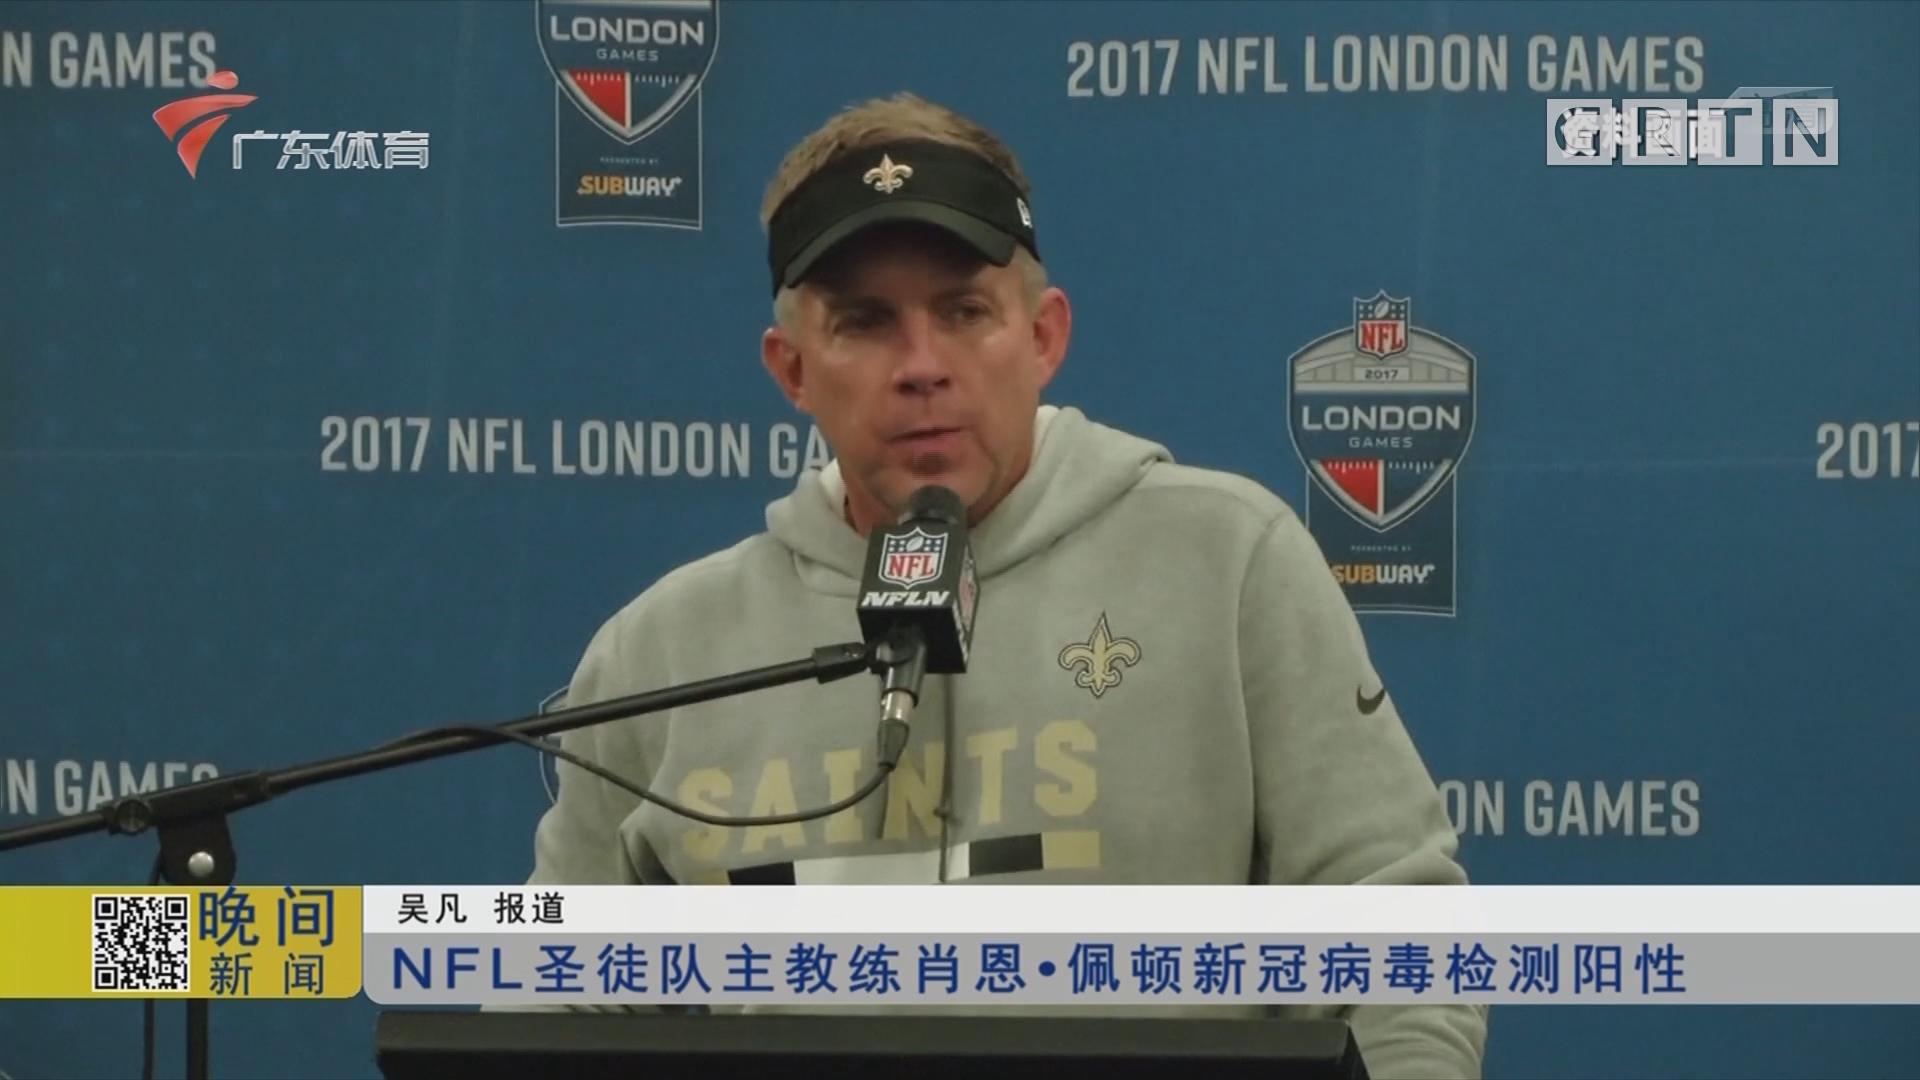 NFL圣徒队主教练肖恩·佩顿新冠病毒检测阳性